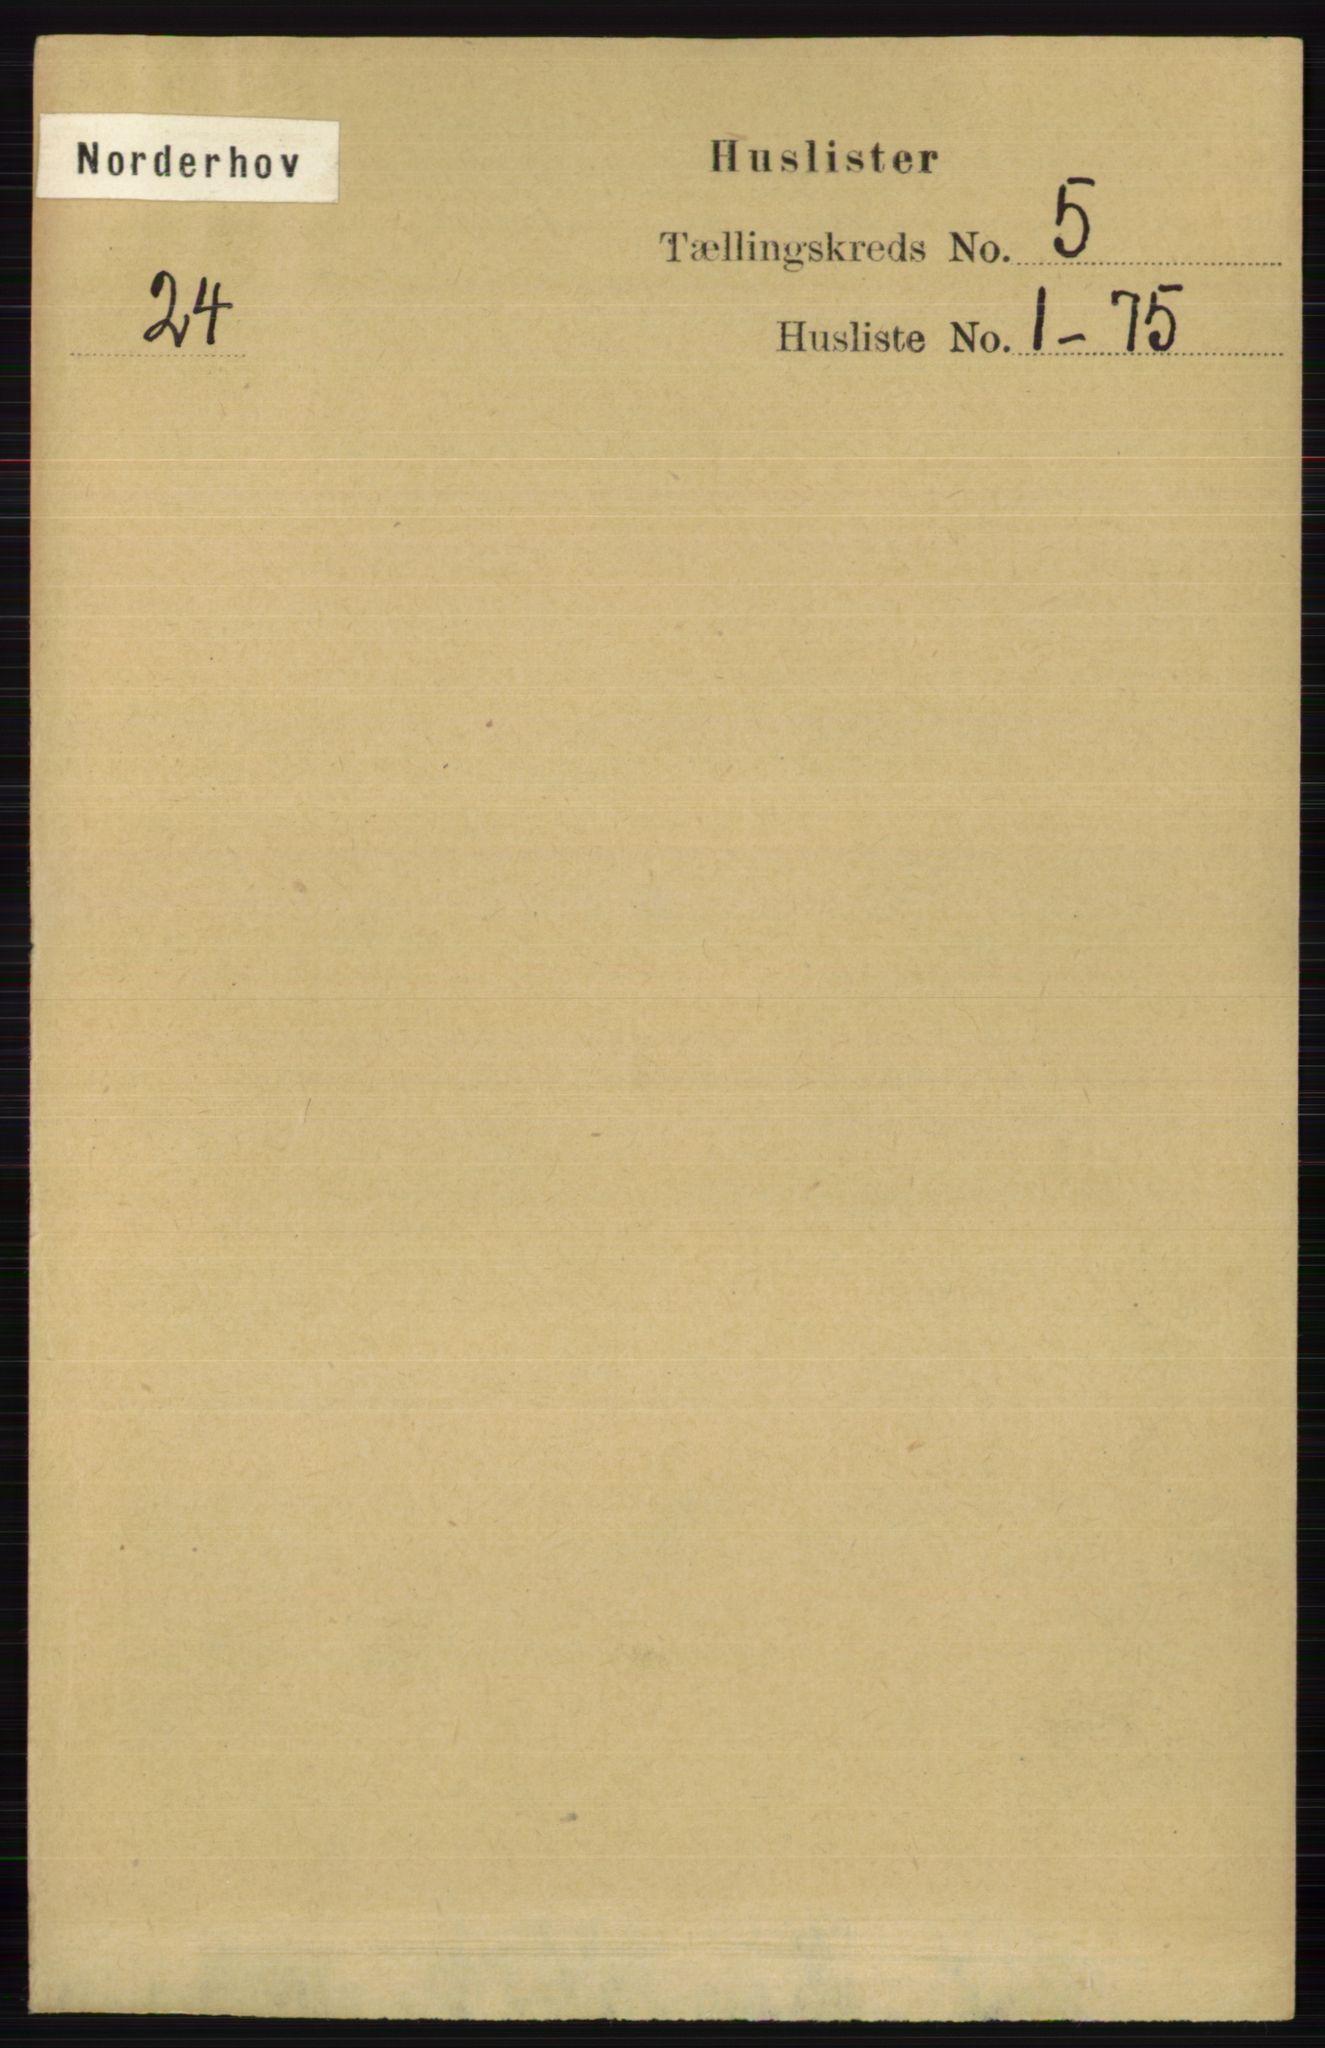 RA, Folketelling 1891 for 0613 Norderhov herred, 1891, s. 3440